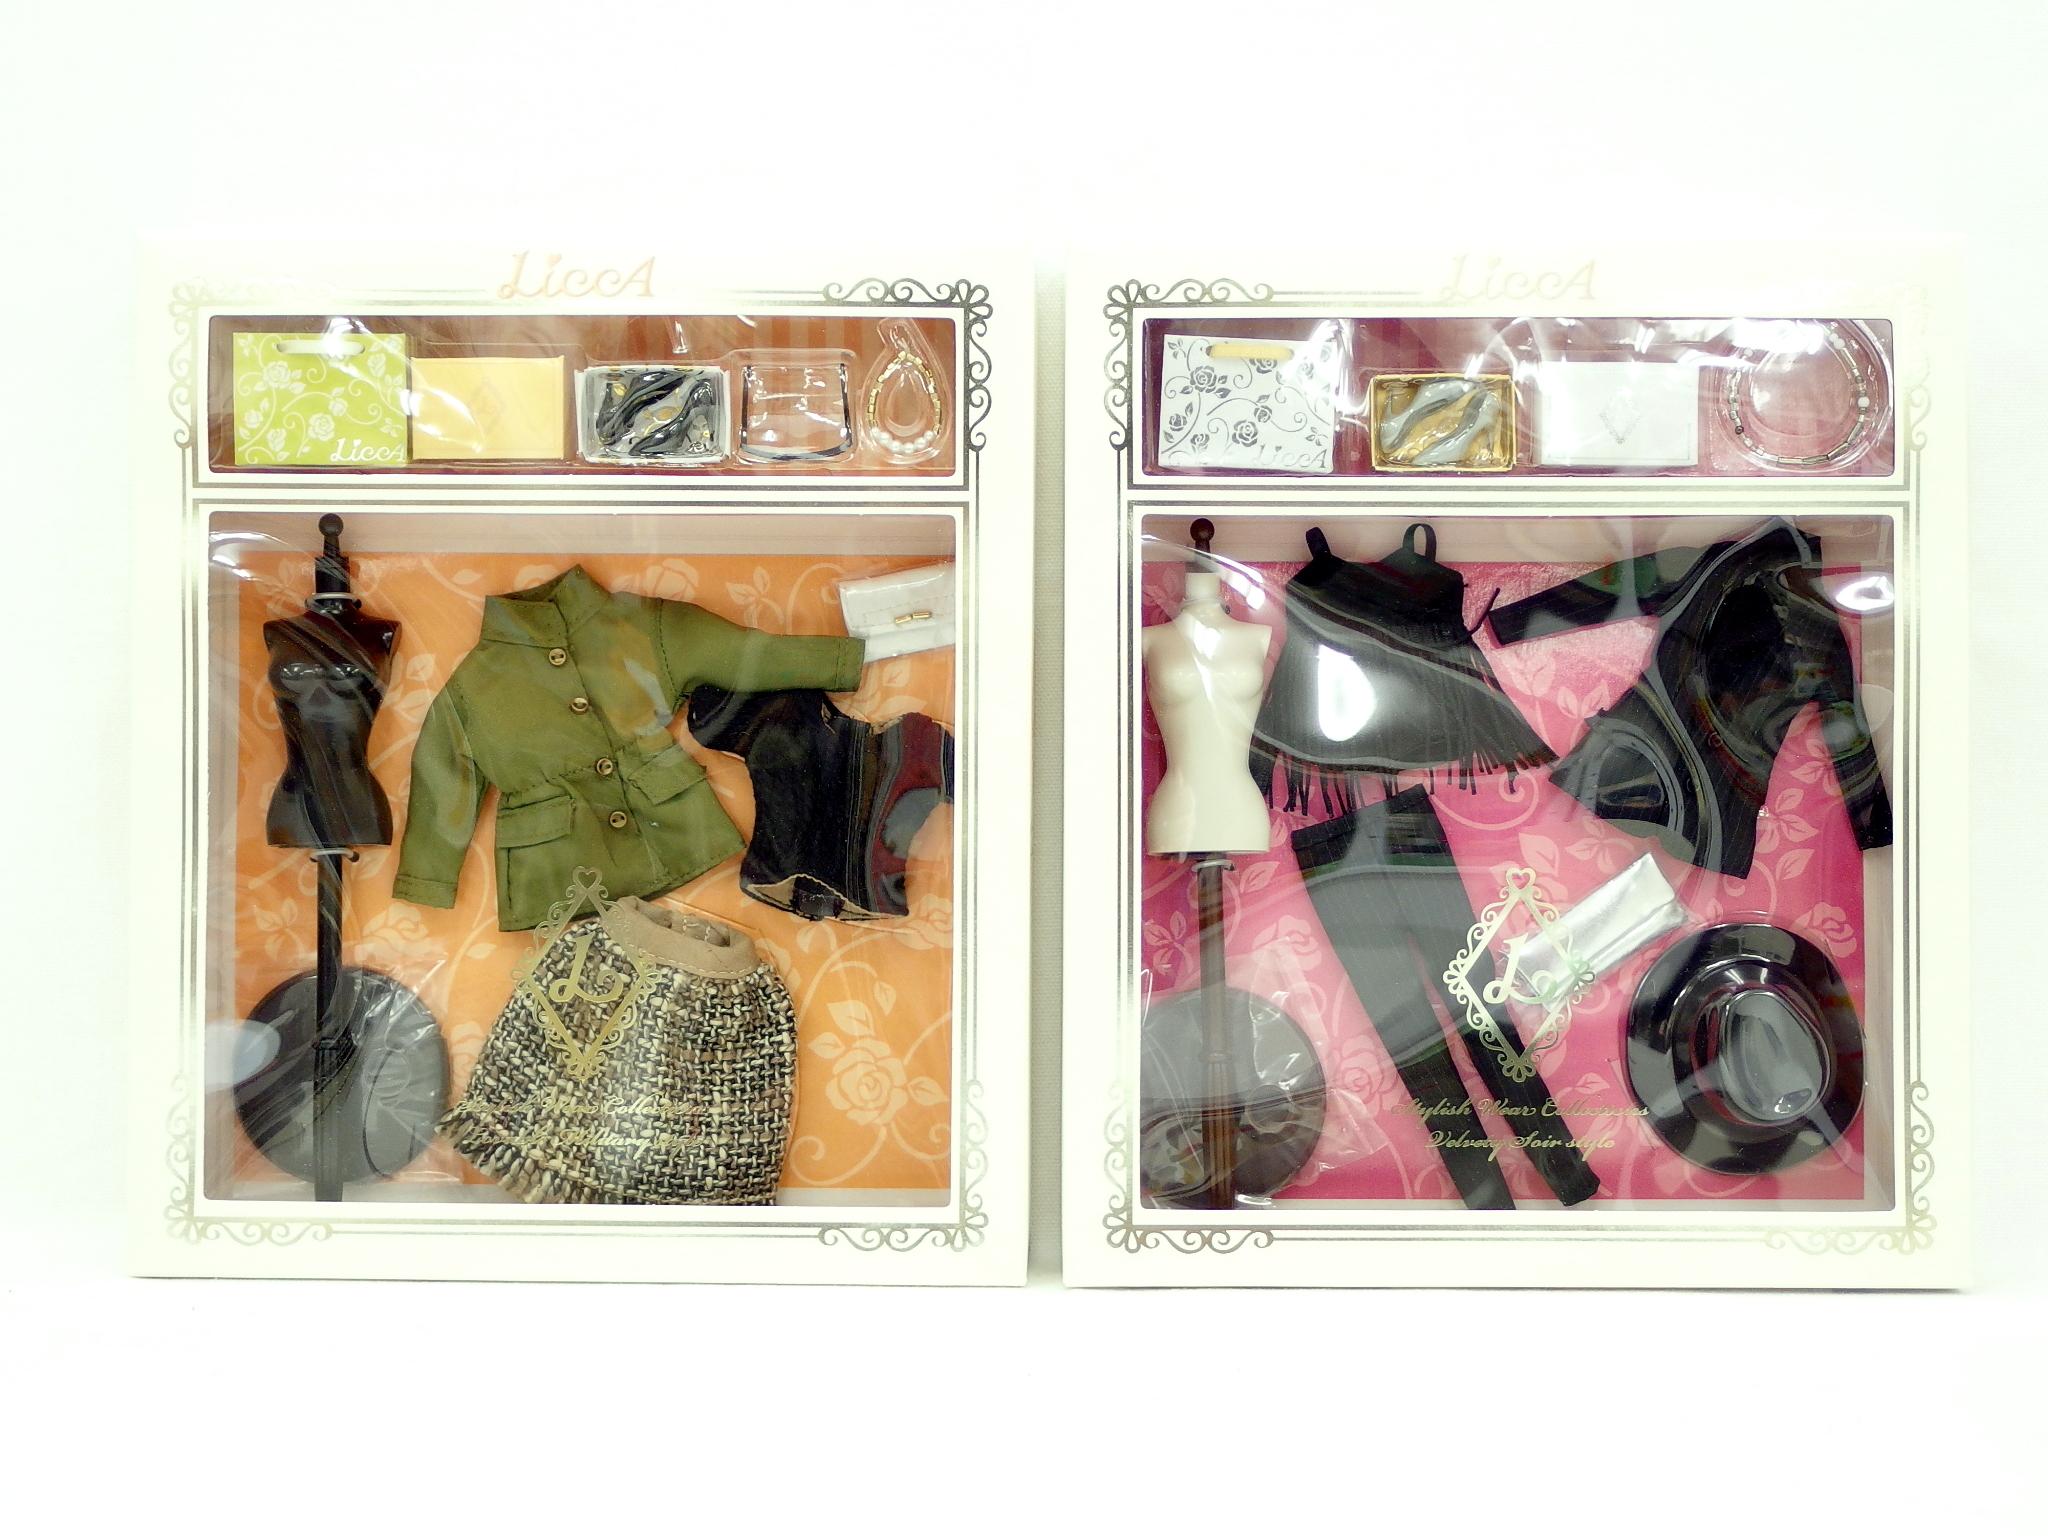 LiccA スタイリッシュドールコレクション ドール&ウエア